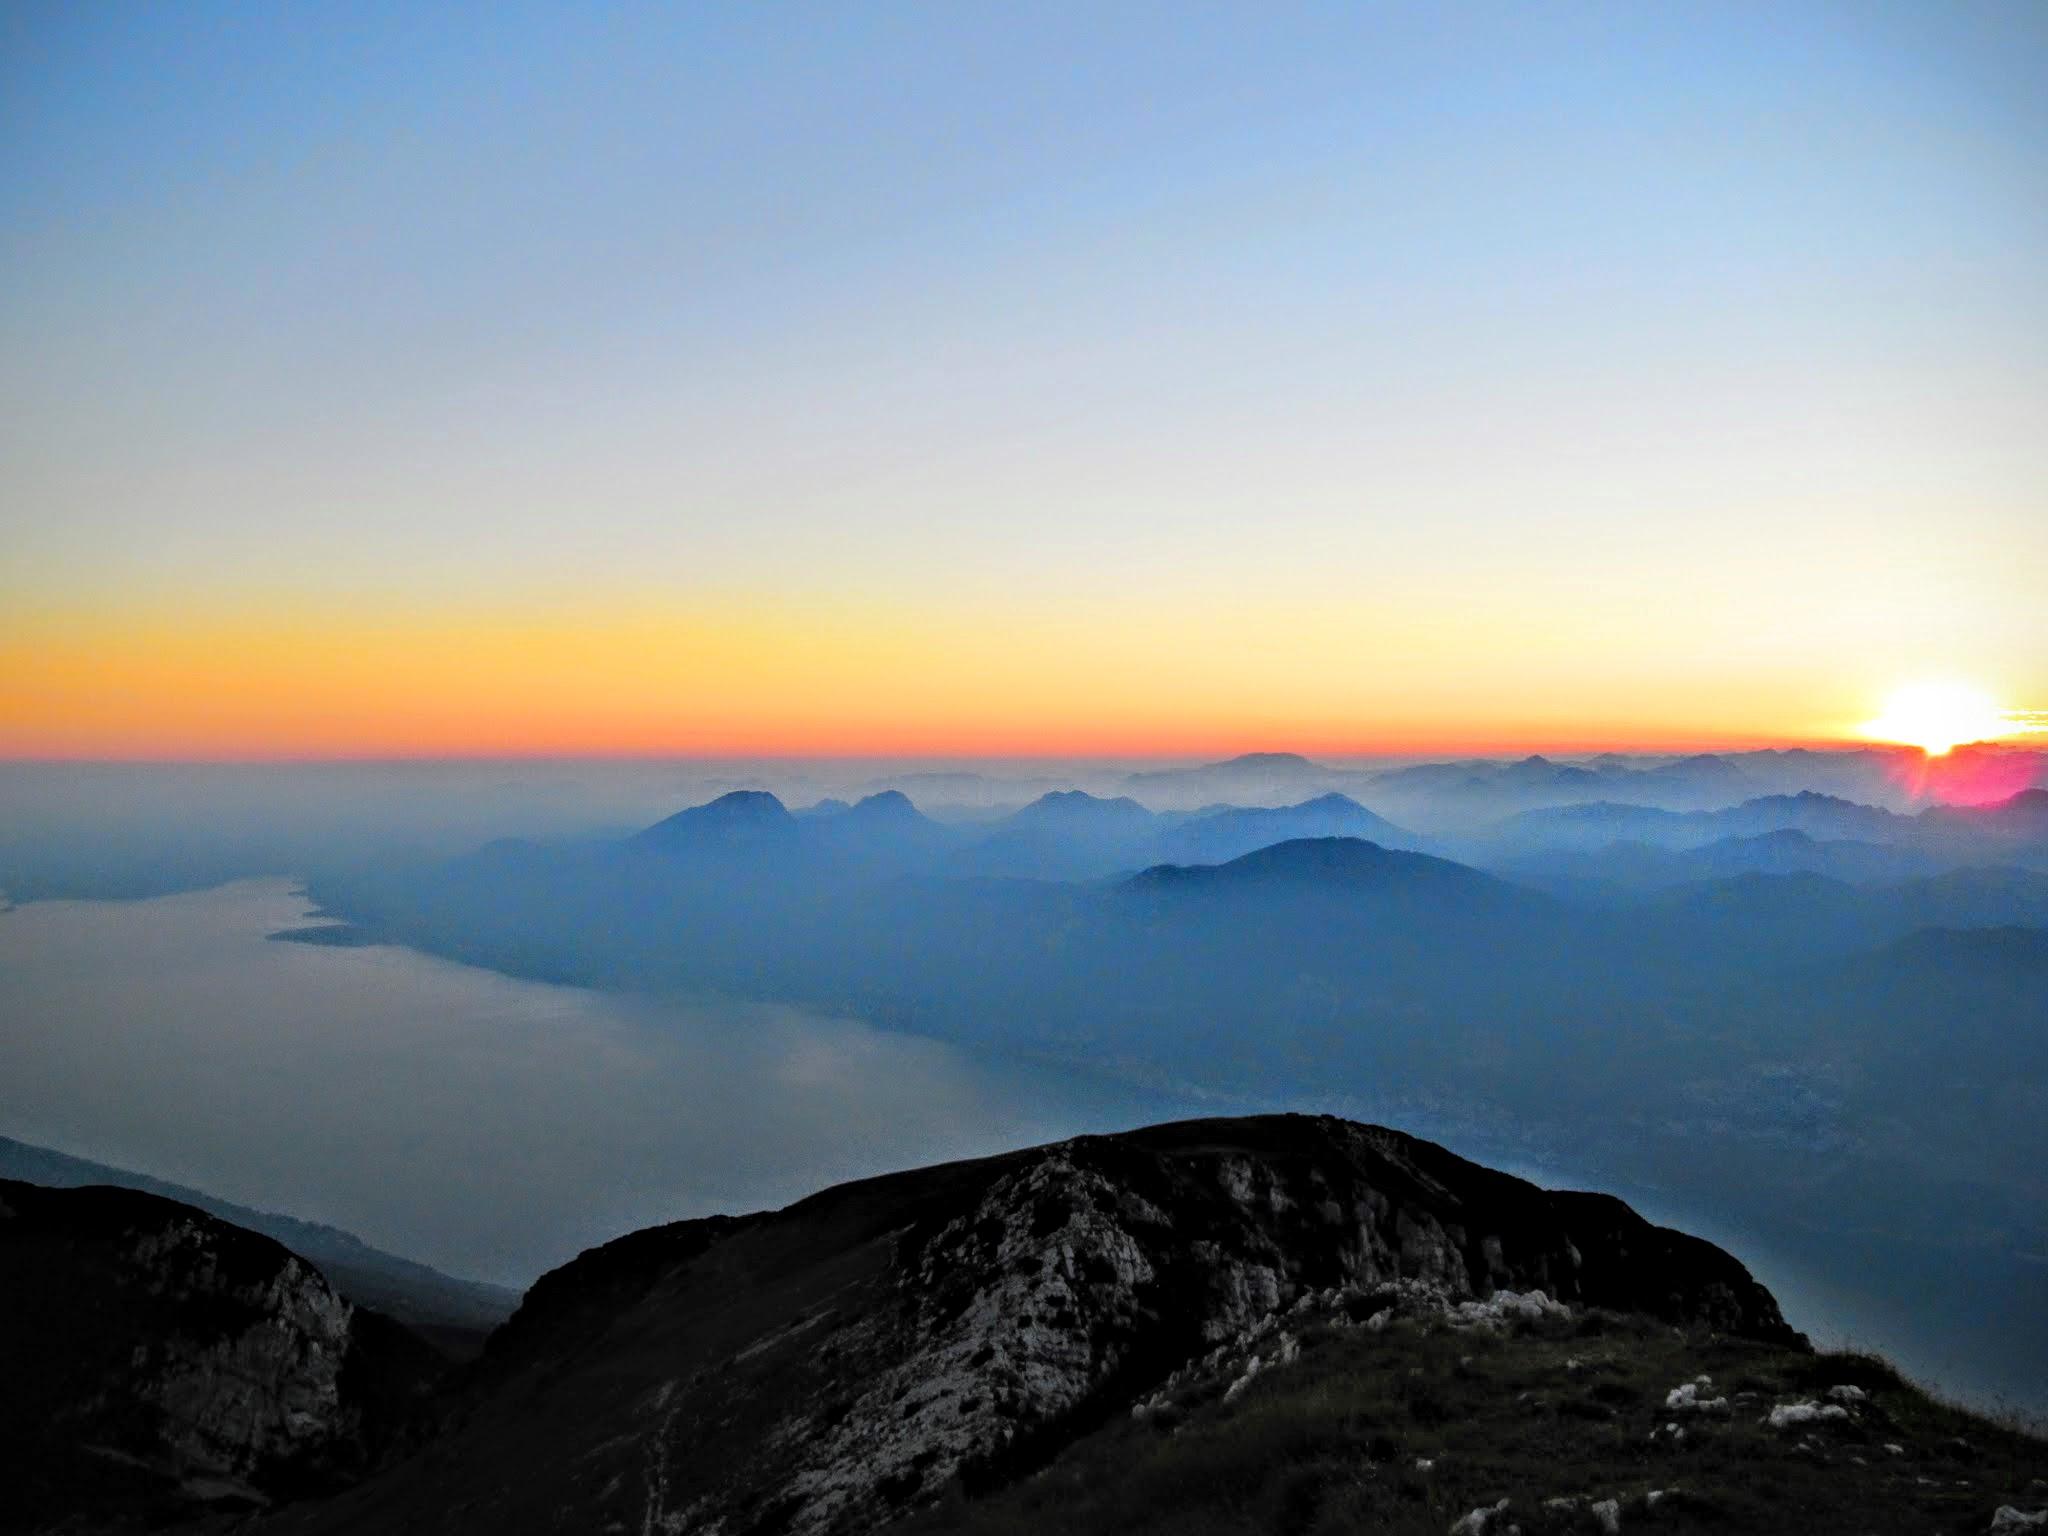 De zon verdwijnt achter de horizon aan het Gardameer in Italië